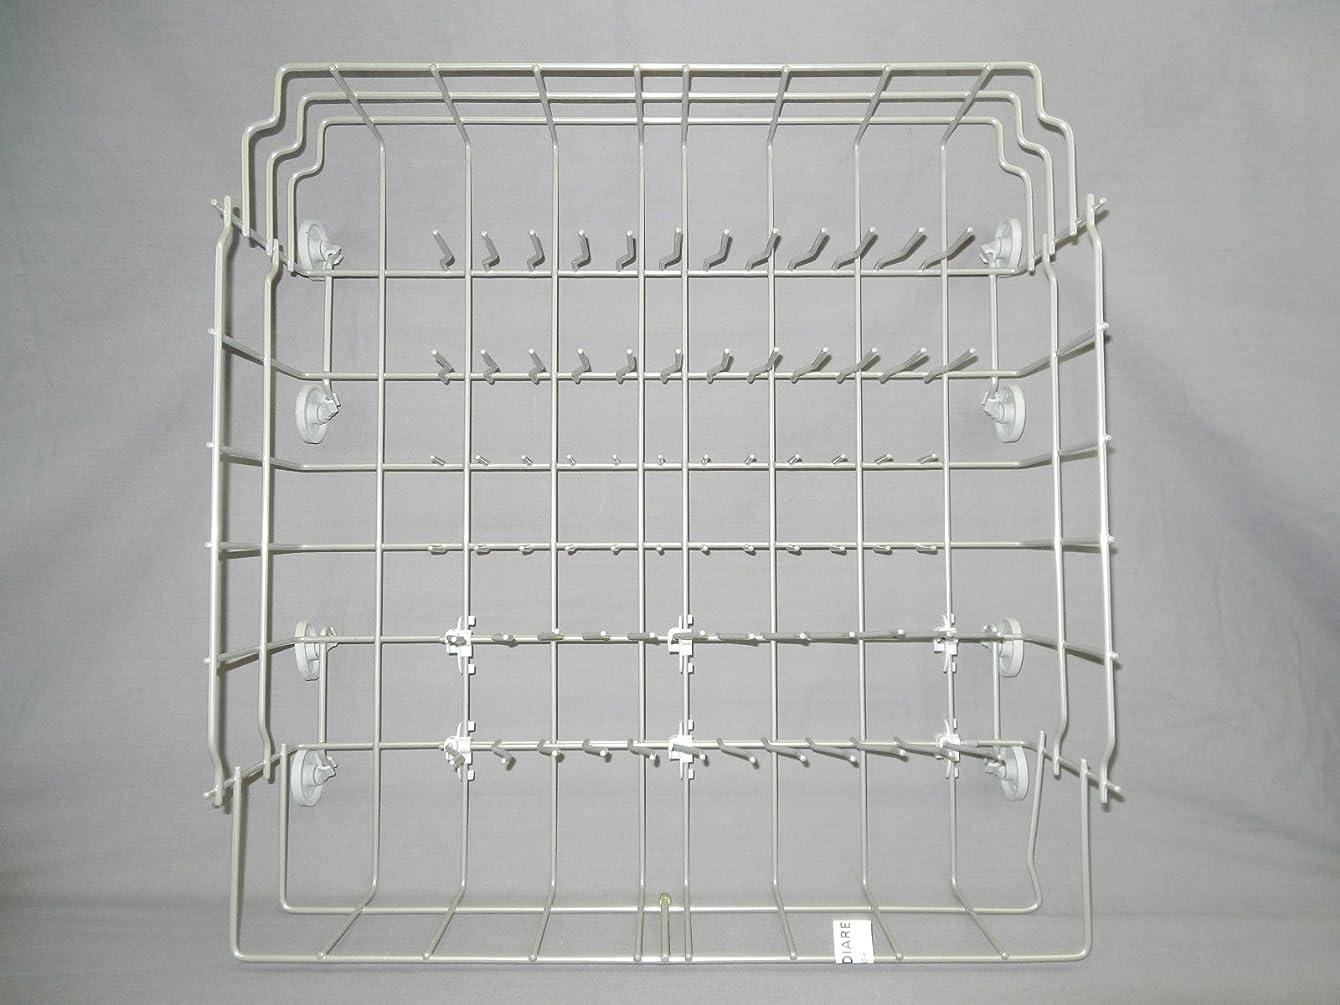 GENUINE Frigidaire 154887103 Dishwasher Lower Dishrack Assembly